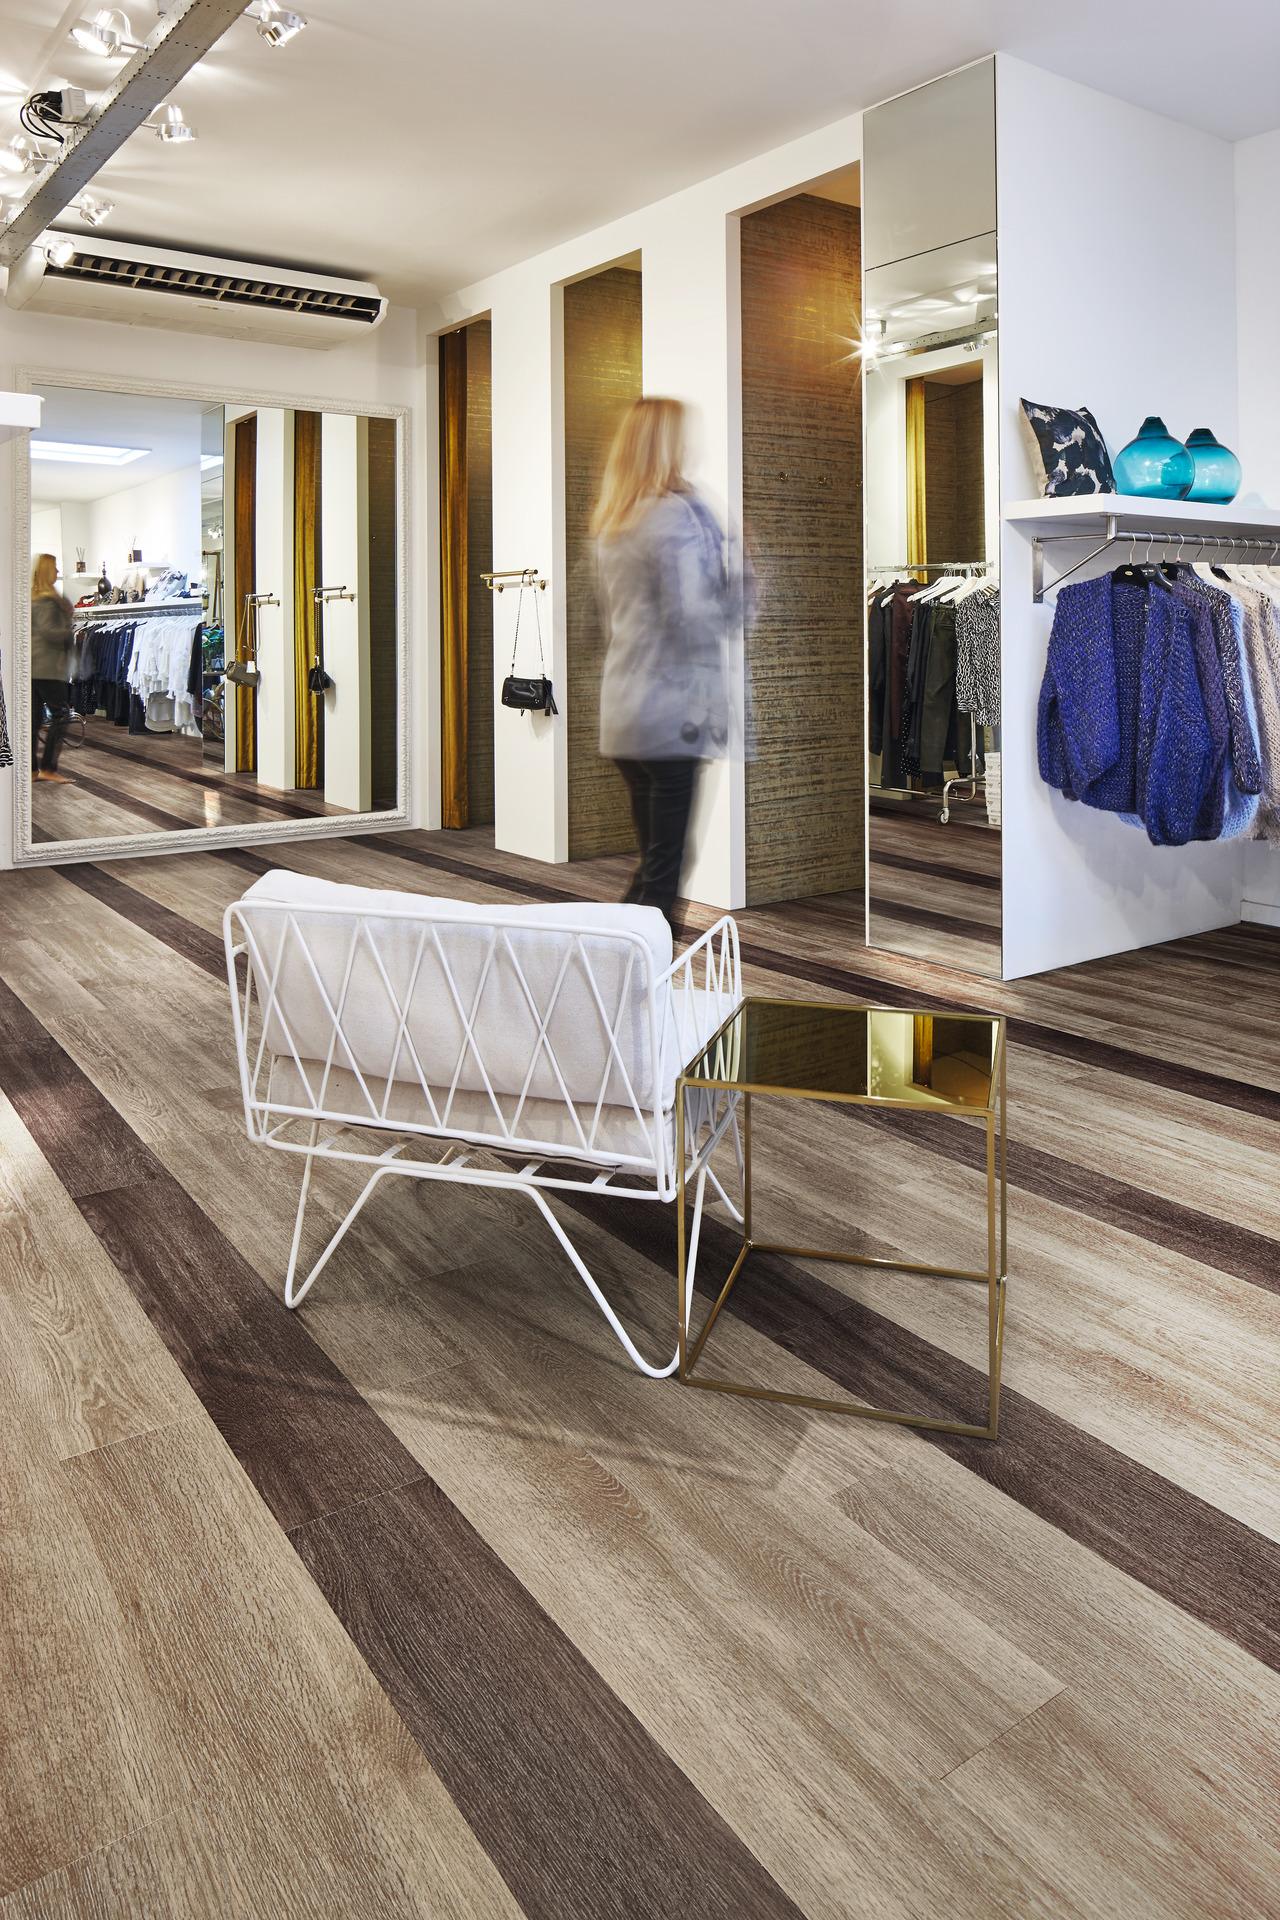 Allura Click By Forbo Flooring Systems Archello